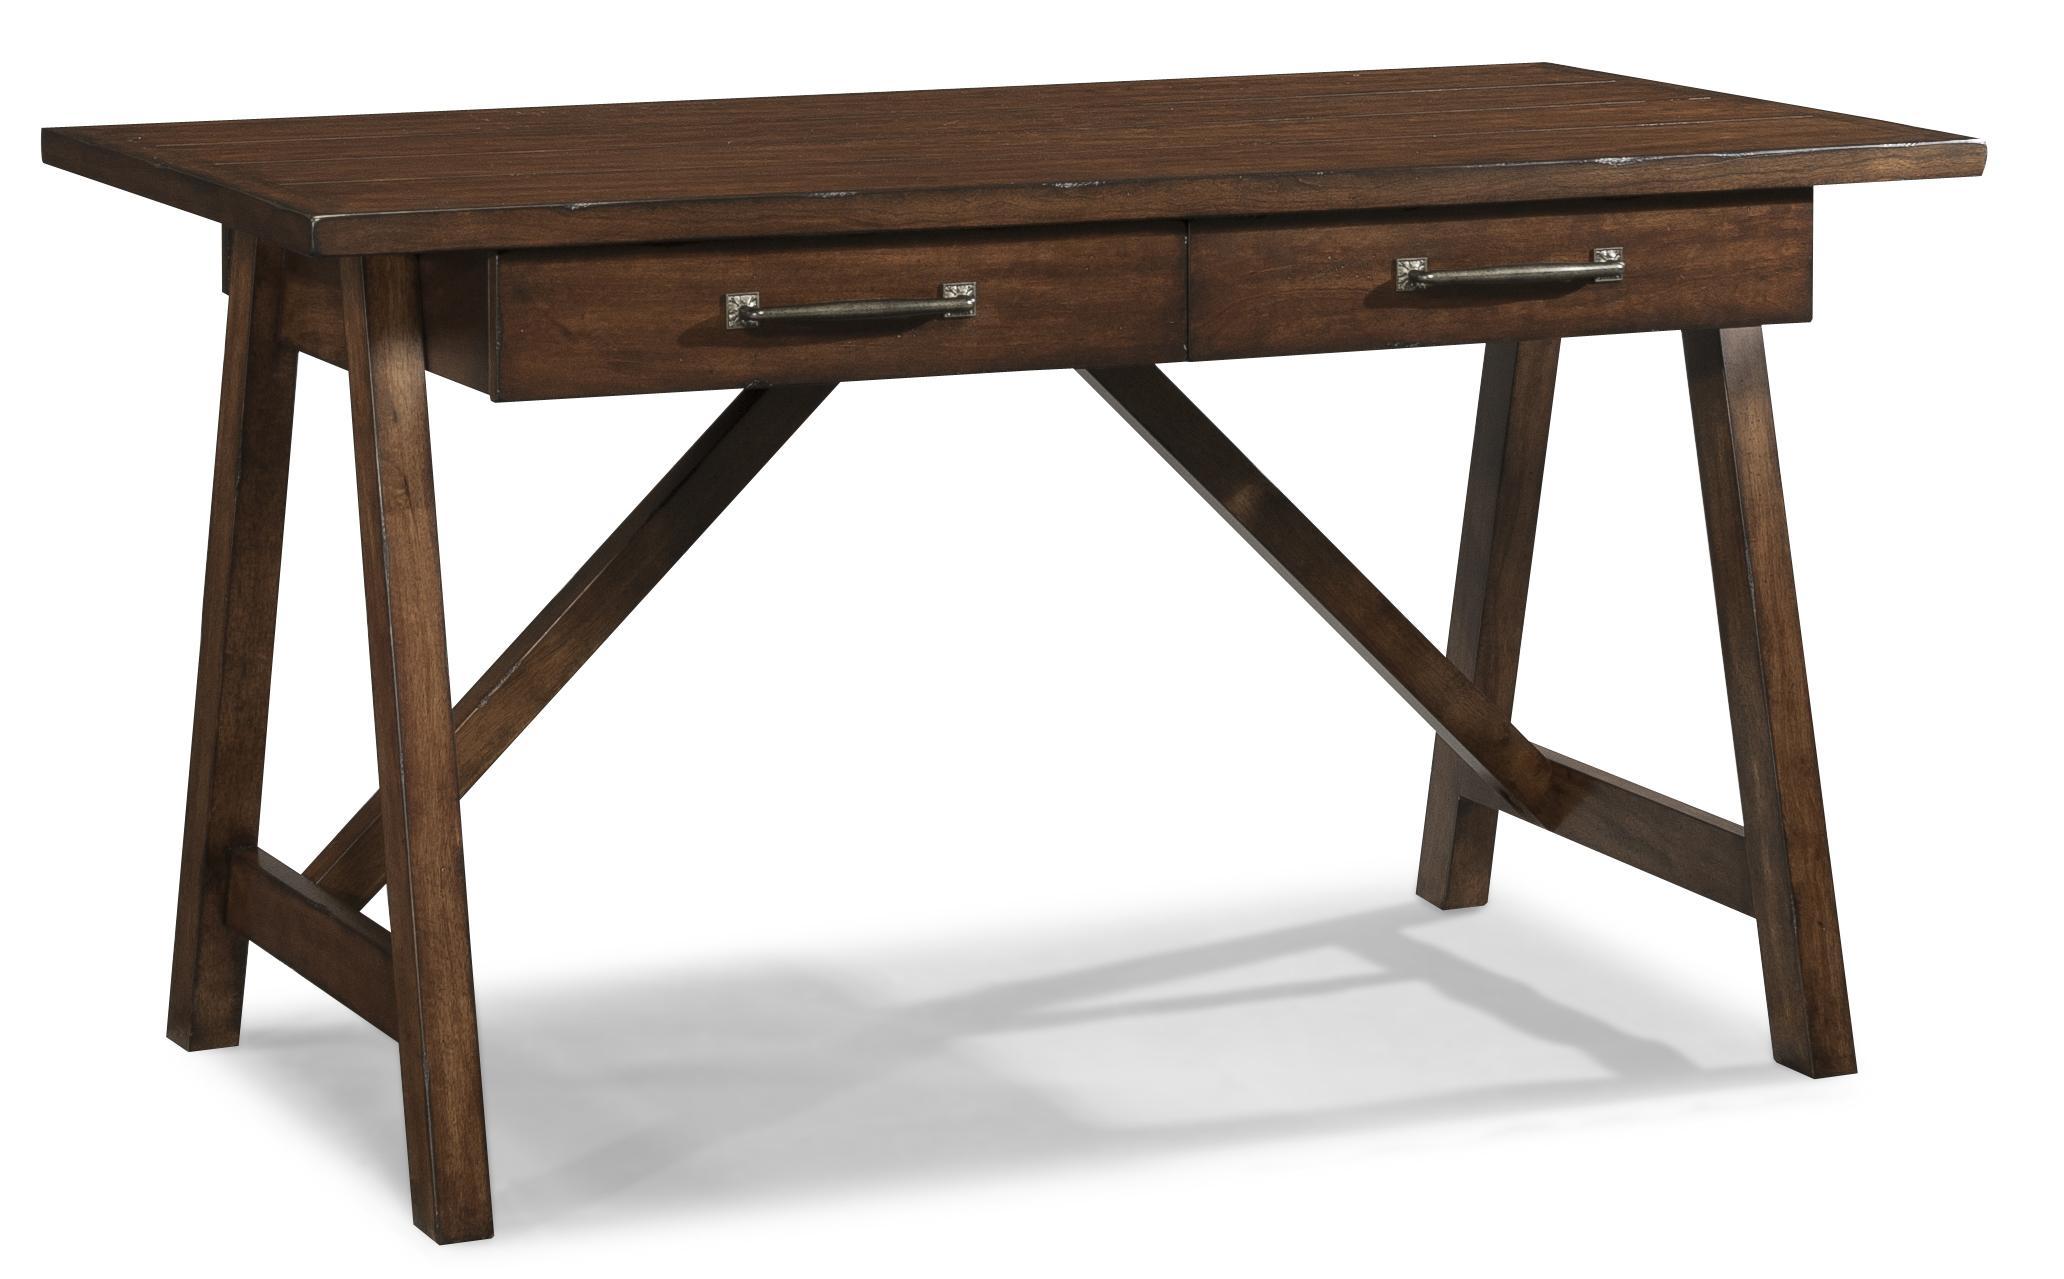 Carolina Preserves by Klaussner Blue Ridge Imagination-Cherry Desk - Item Number: 426-850 DESK